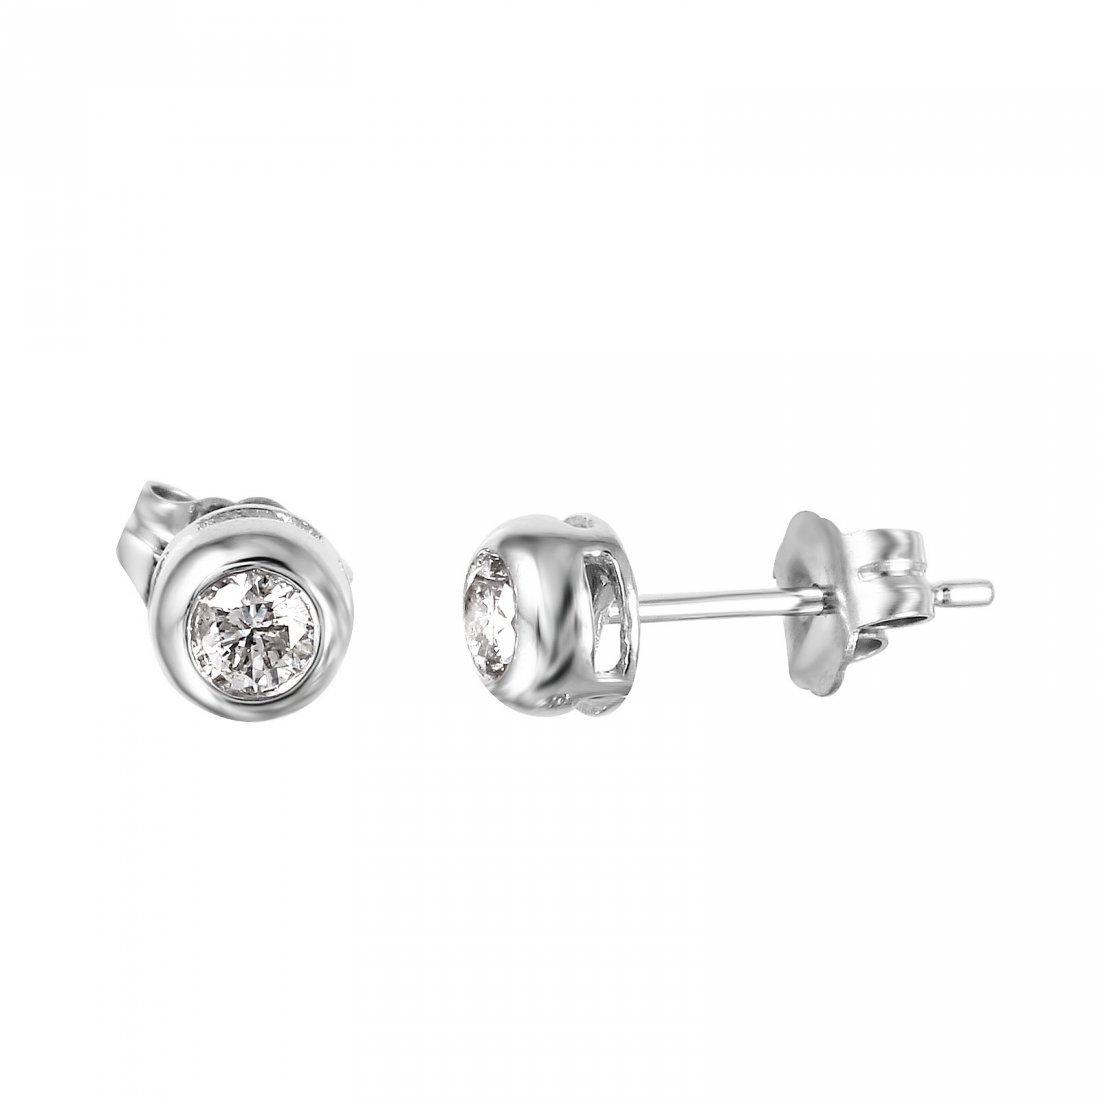 14KT White Gold Diamond Stud Earrings - 2